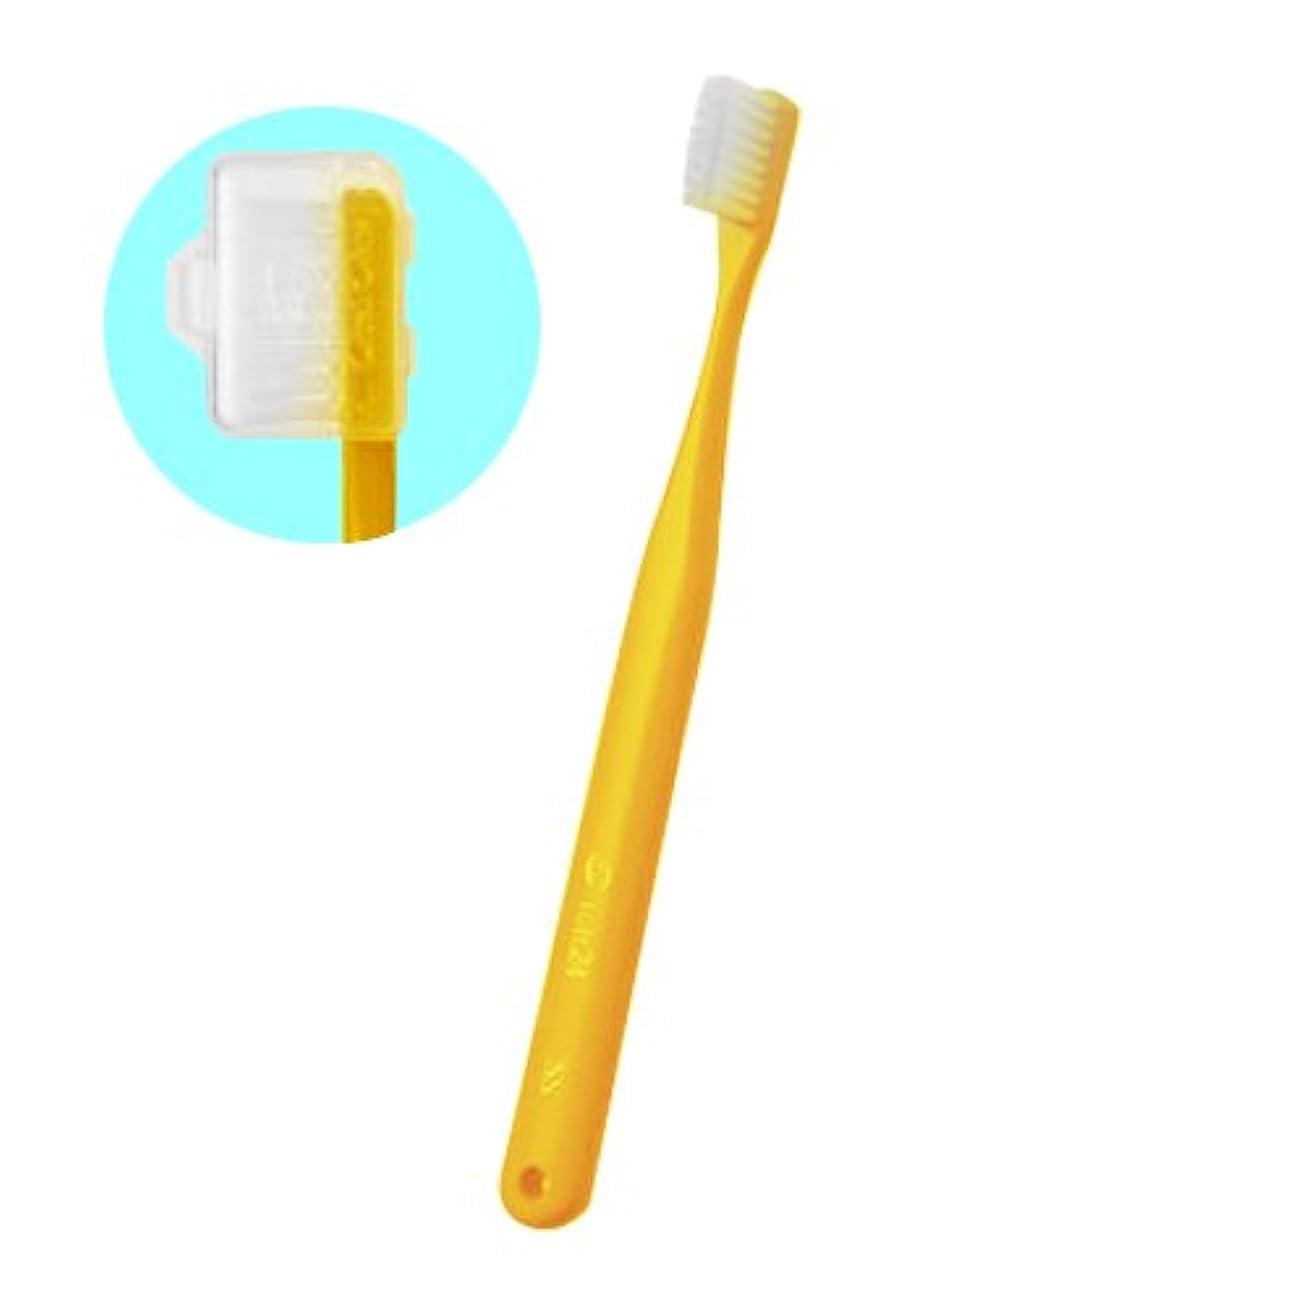 好ましい気楽な平野オーラルケア キャップ付き タフト 24 歯ブラシ エクストラスーパーソフト 1本 (イエロー)